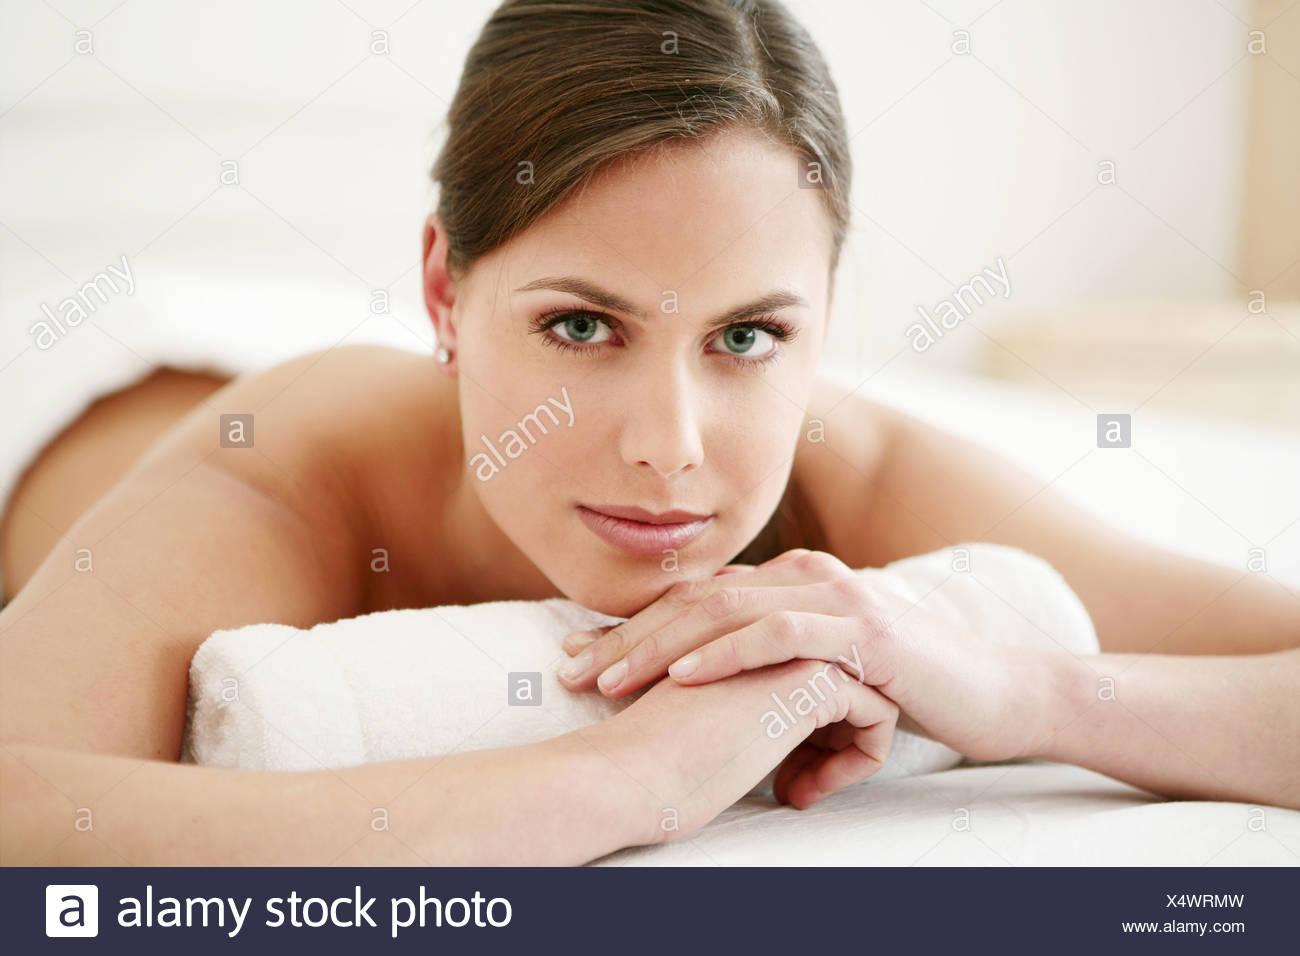 jung, Frau, liegen, zarte, sanfte, Bett, Spa, Modell, Erwachsener, Kaukasier, Frau, Gesundheit, Schönheit, Pflege, 20-25 Jahre, 18-19 Jahre, Stockbild